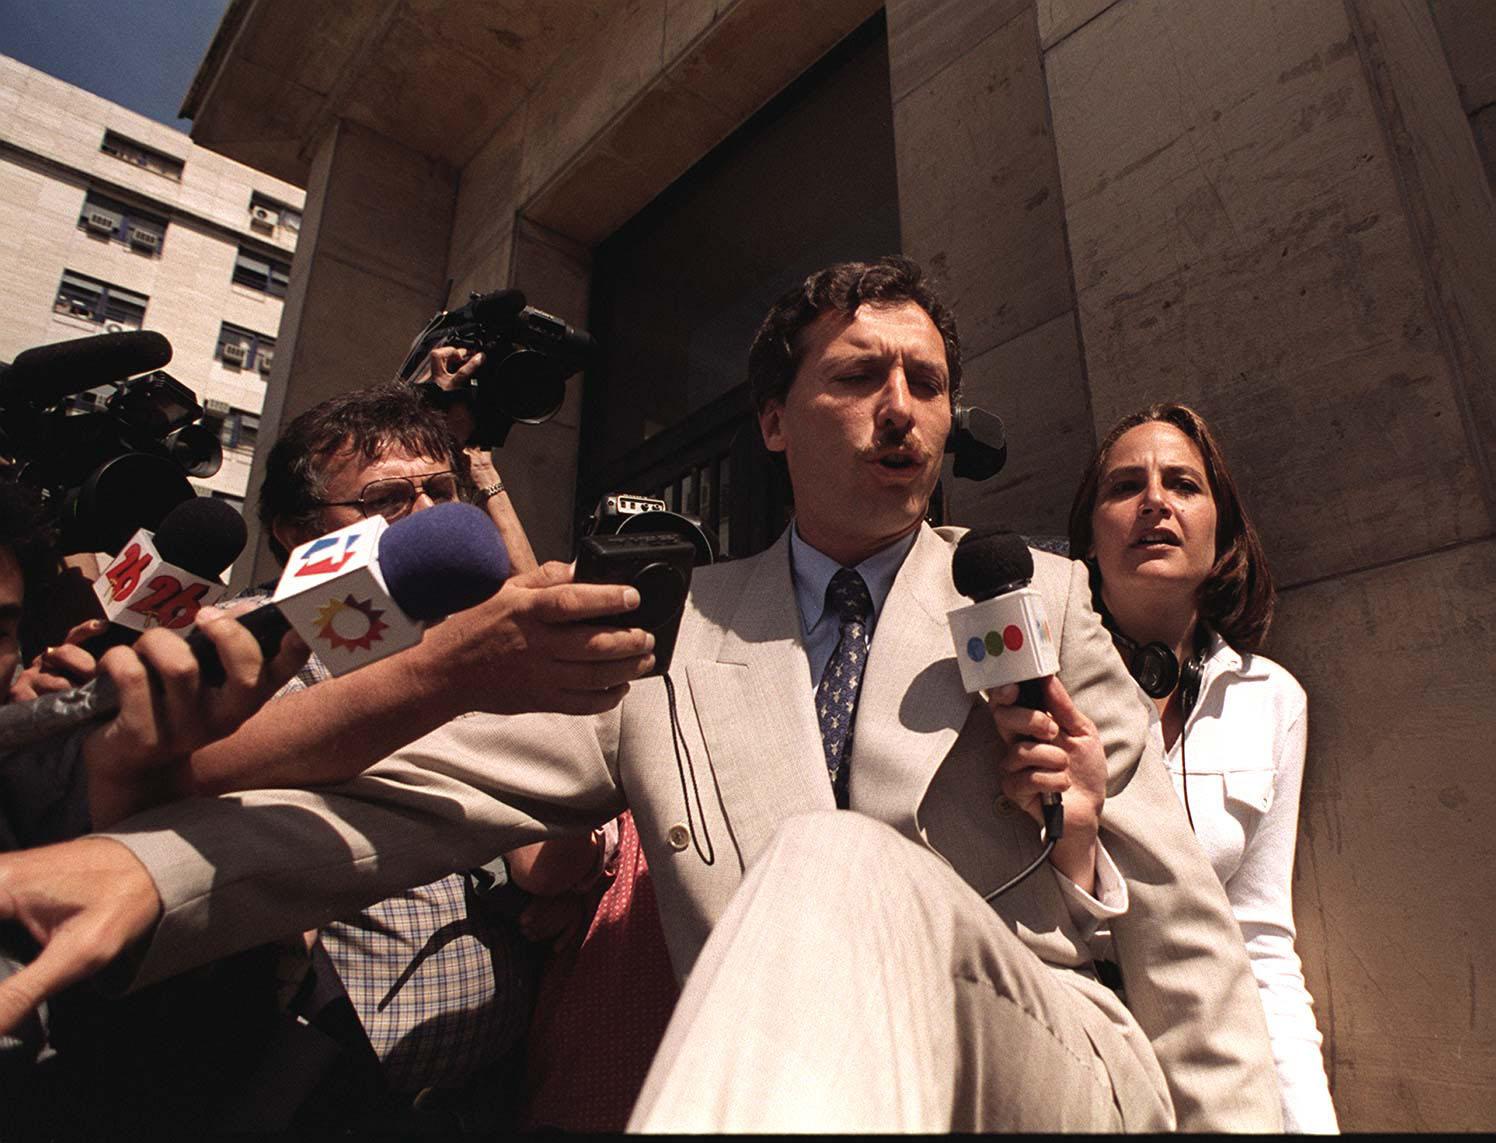 MAURICIO MACRI INTENTA  EVADIR A LOS PERIODISTAS, EN LOS TRIBUNALES,08/09/96, CUANDO TUVO QUE DECLARAR POR EL CASO DE DROGAS EN EL FUTBOL